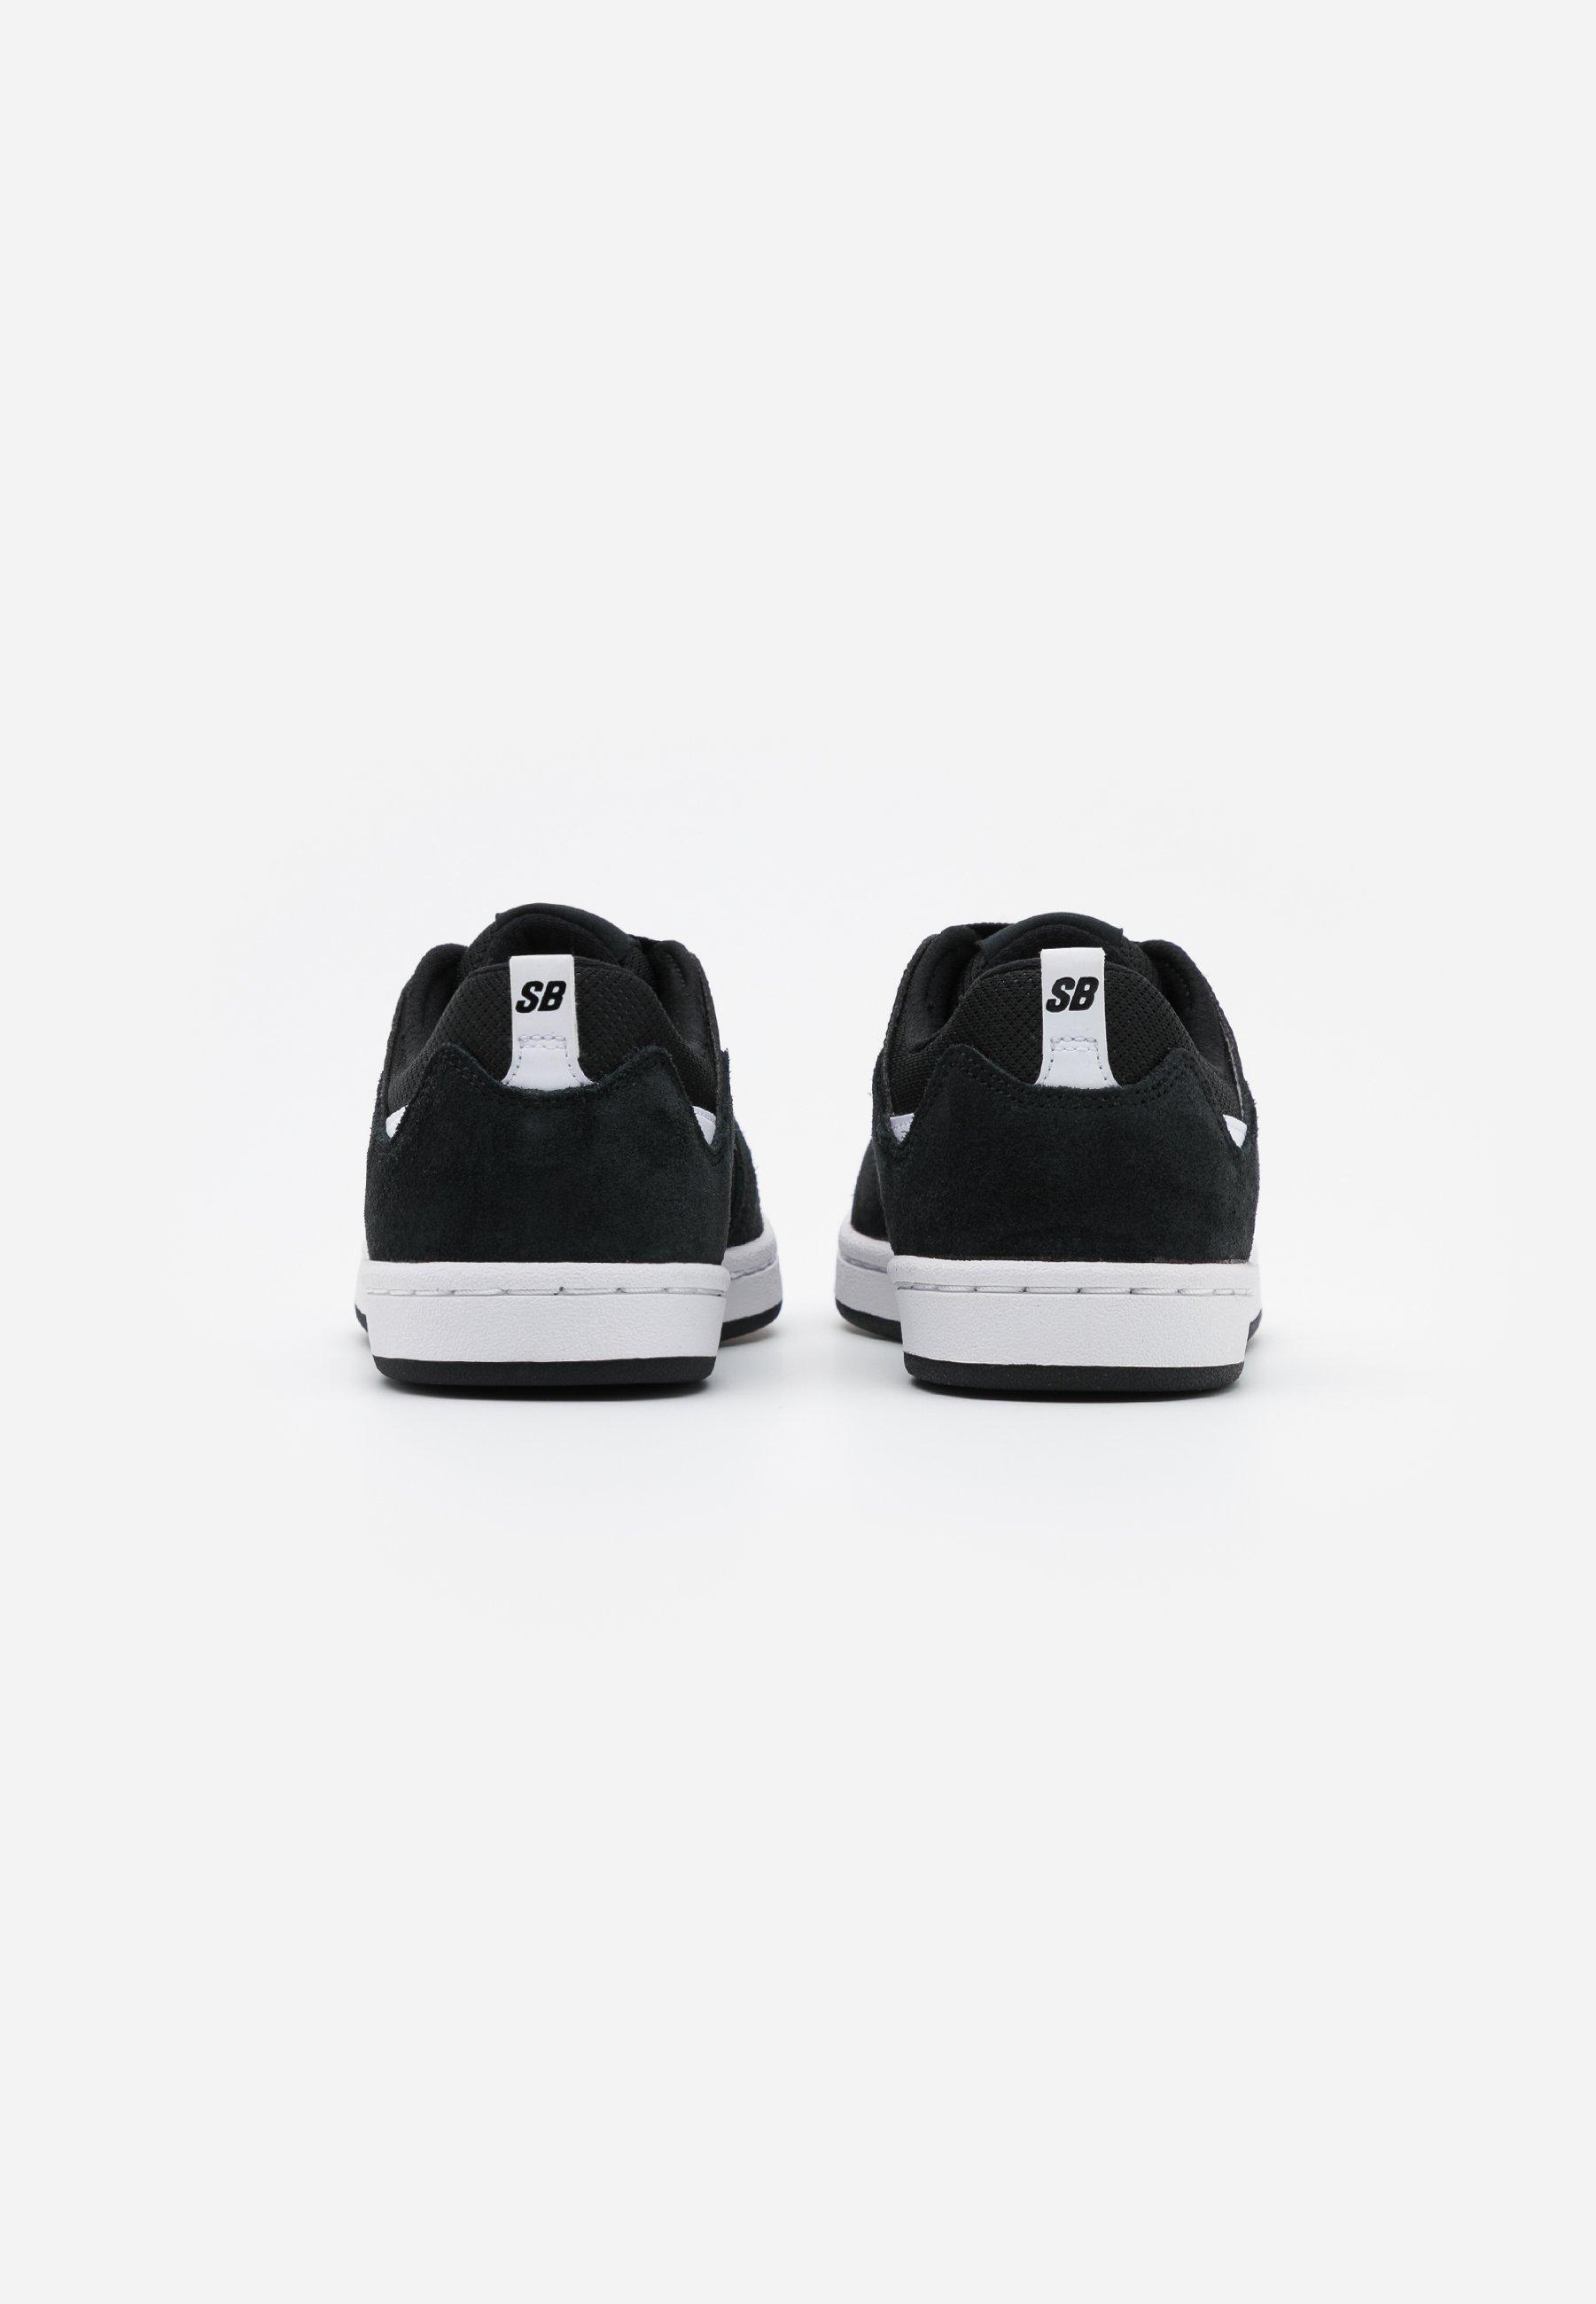 ALLEYOOP Sneakers blackwhite